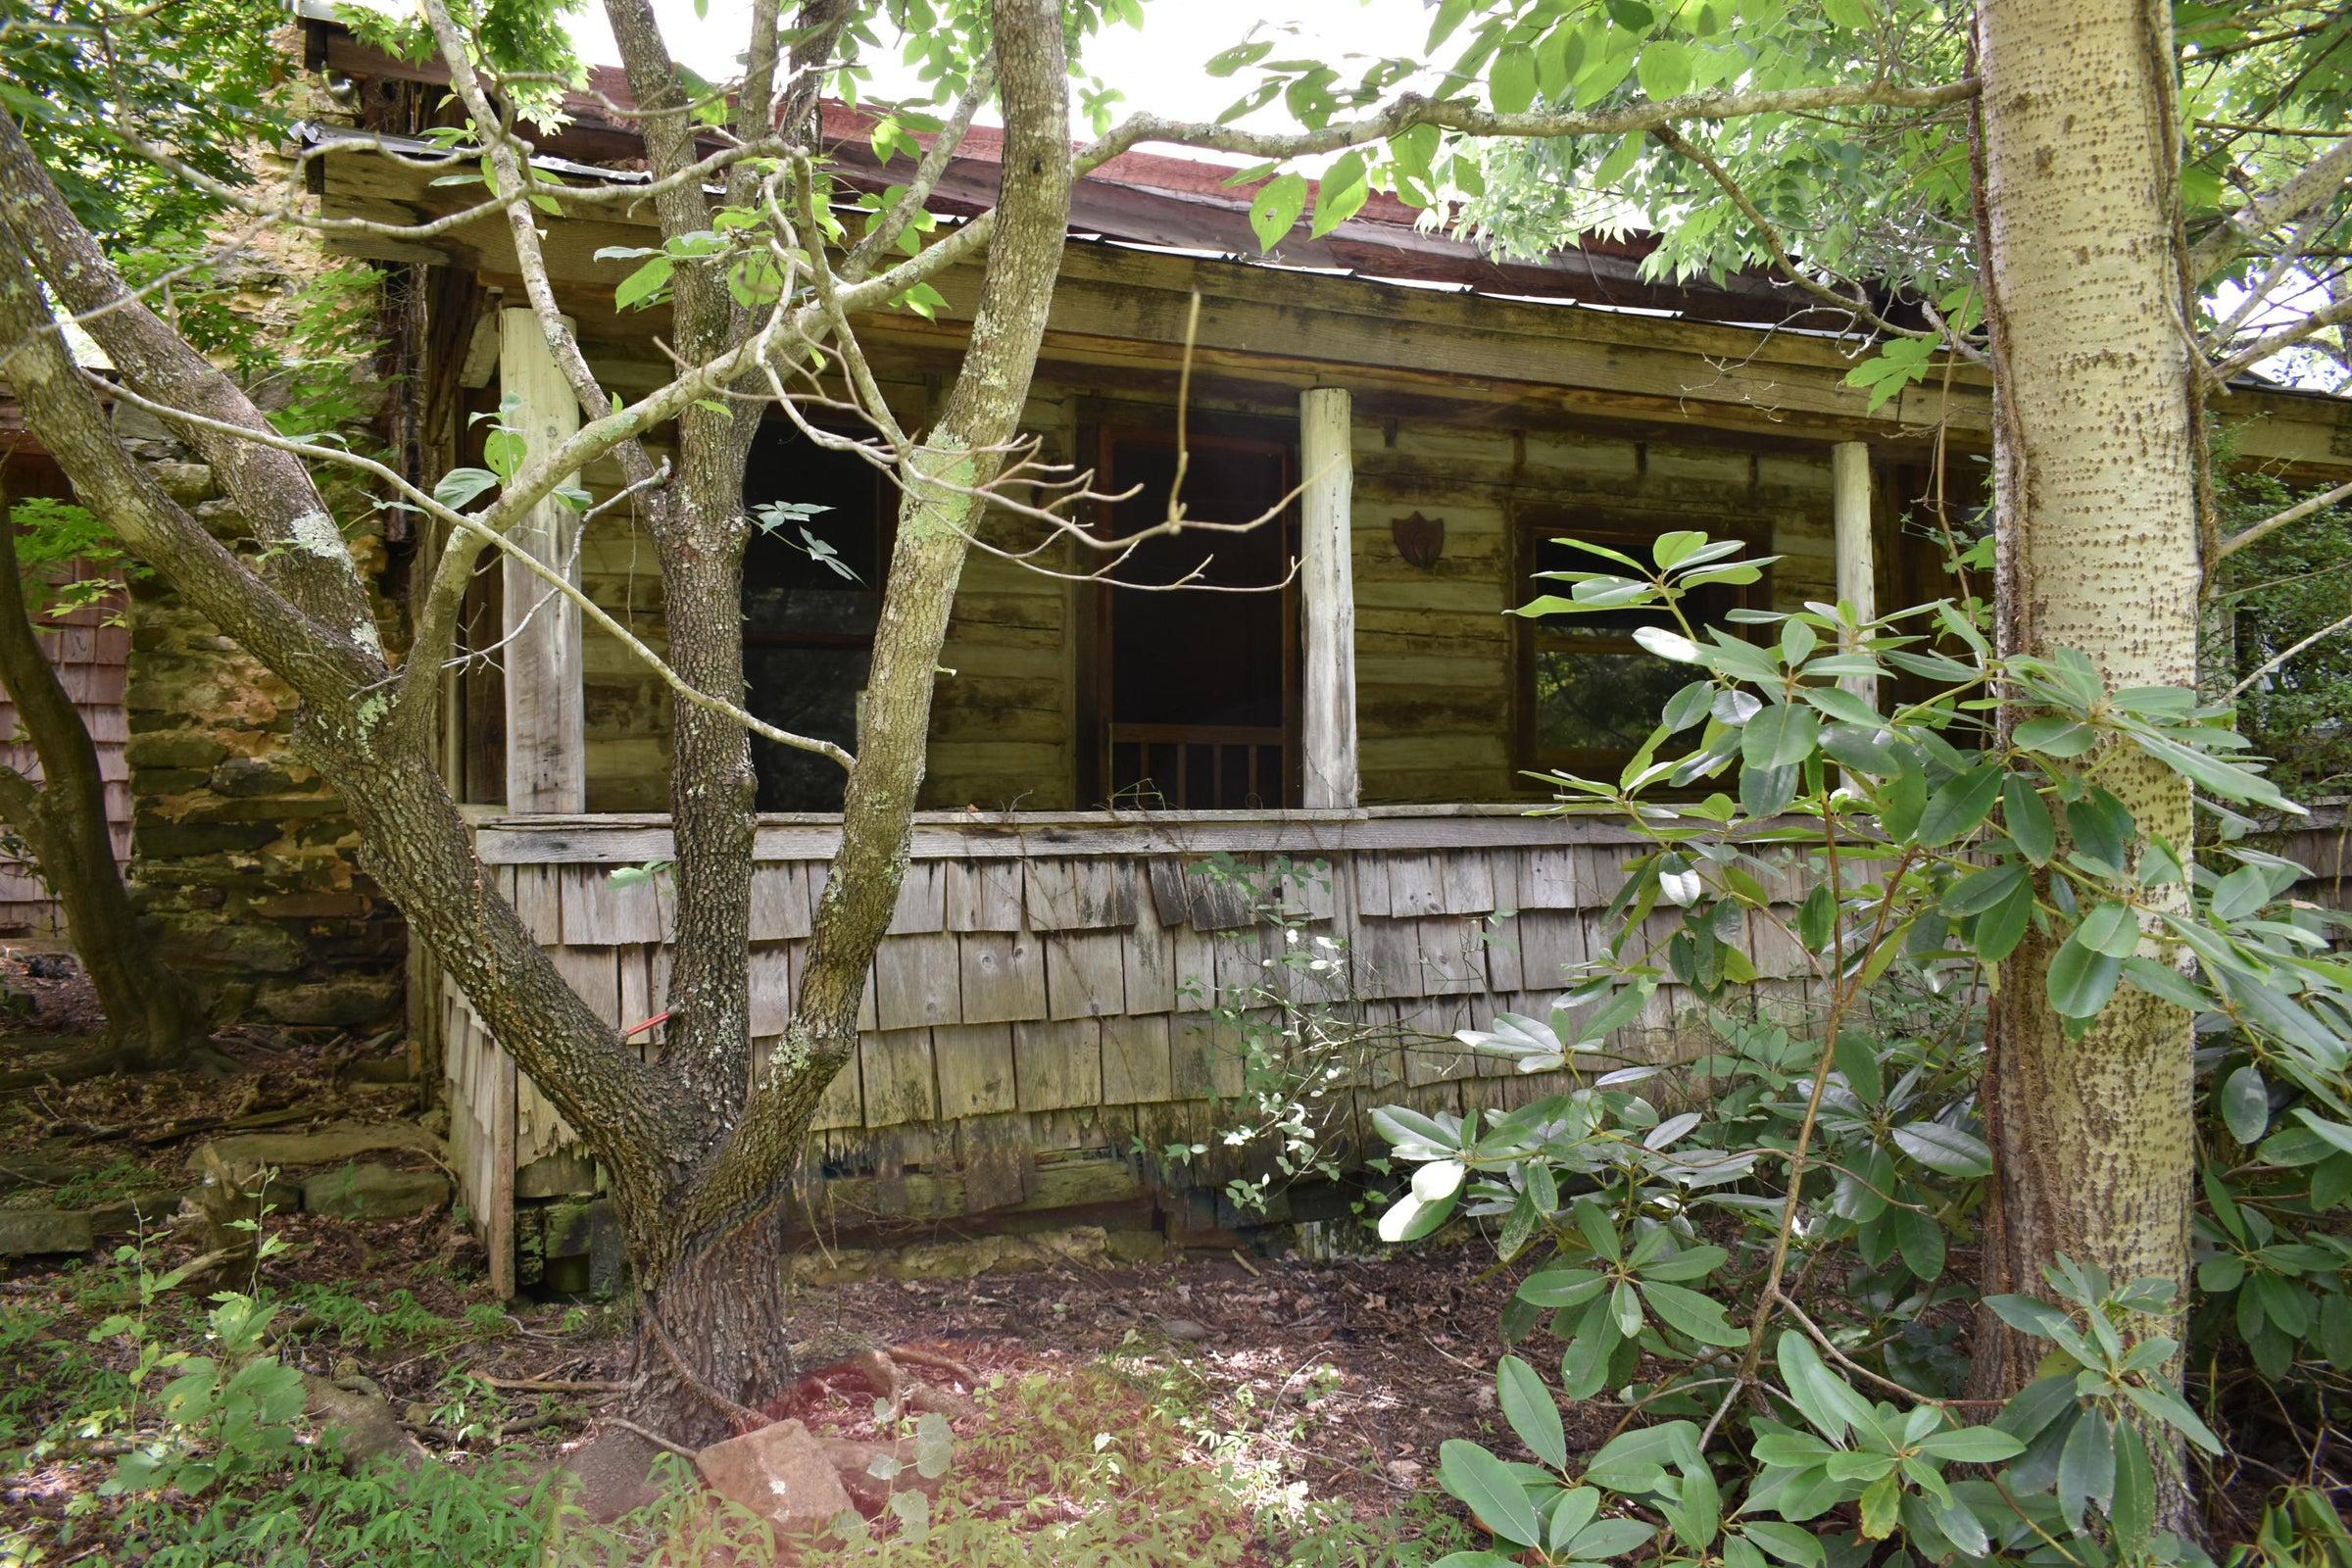 Rustic guest cabin